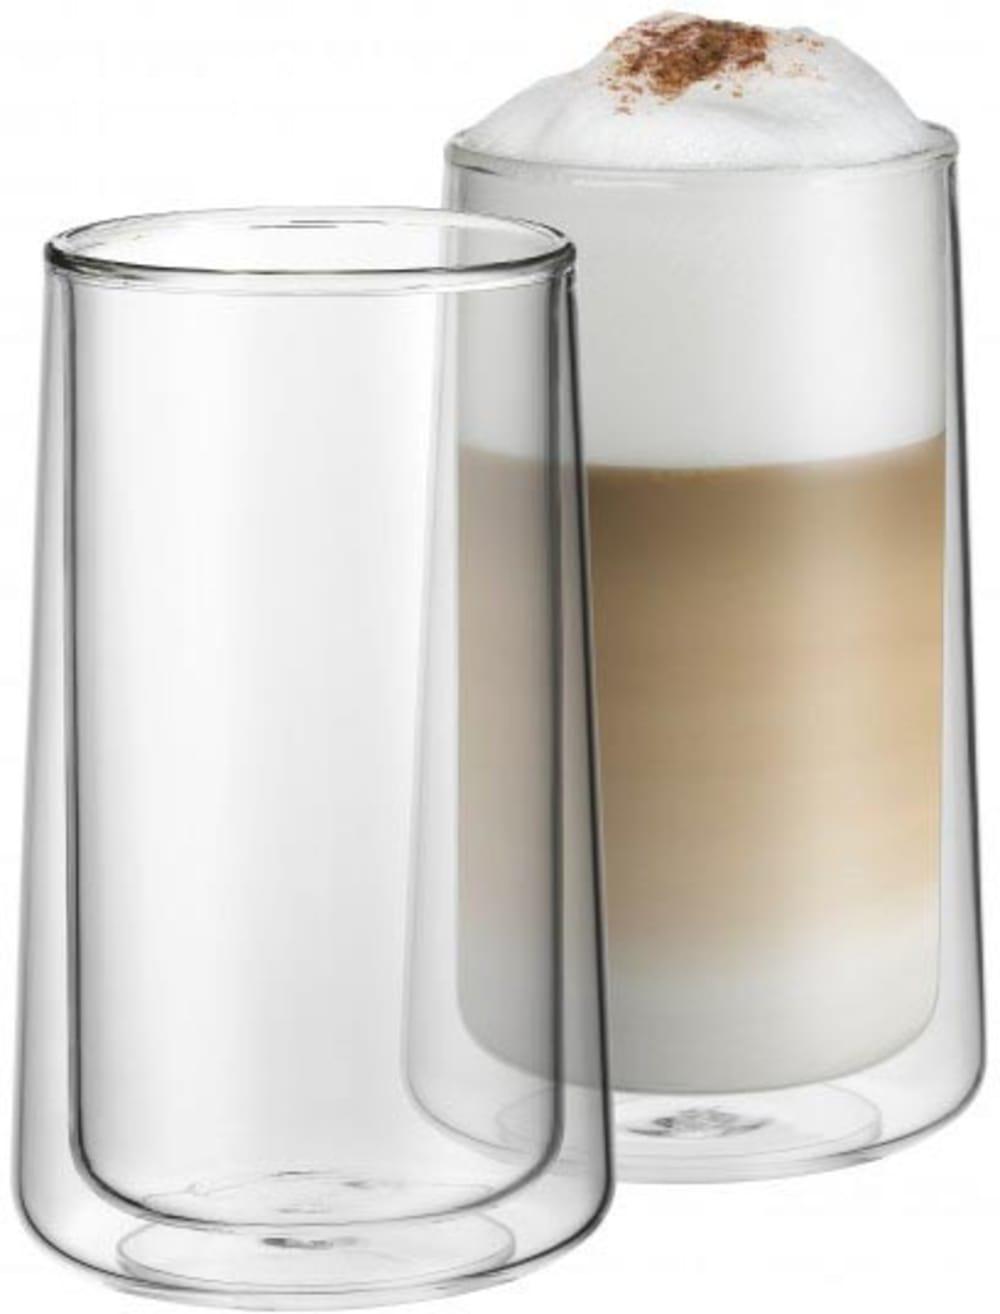 WMF - Zestaw 2 szklanek termicznych do latte z podwójnymi ściankami